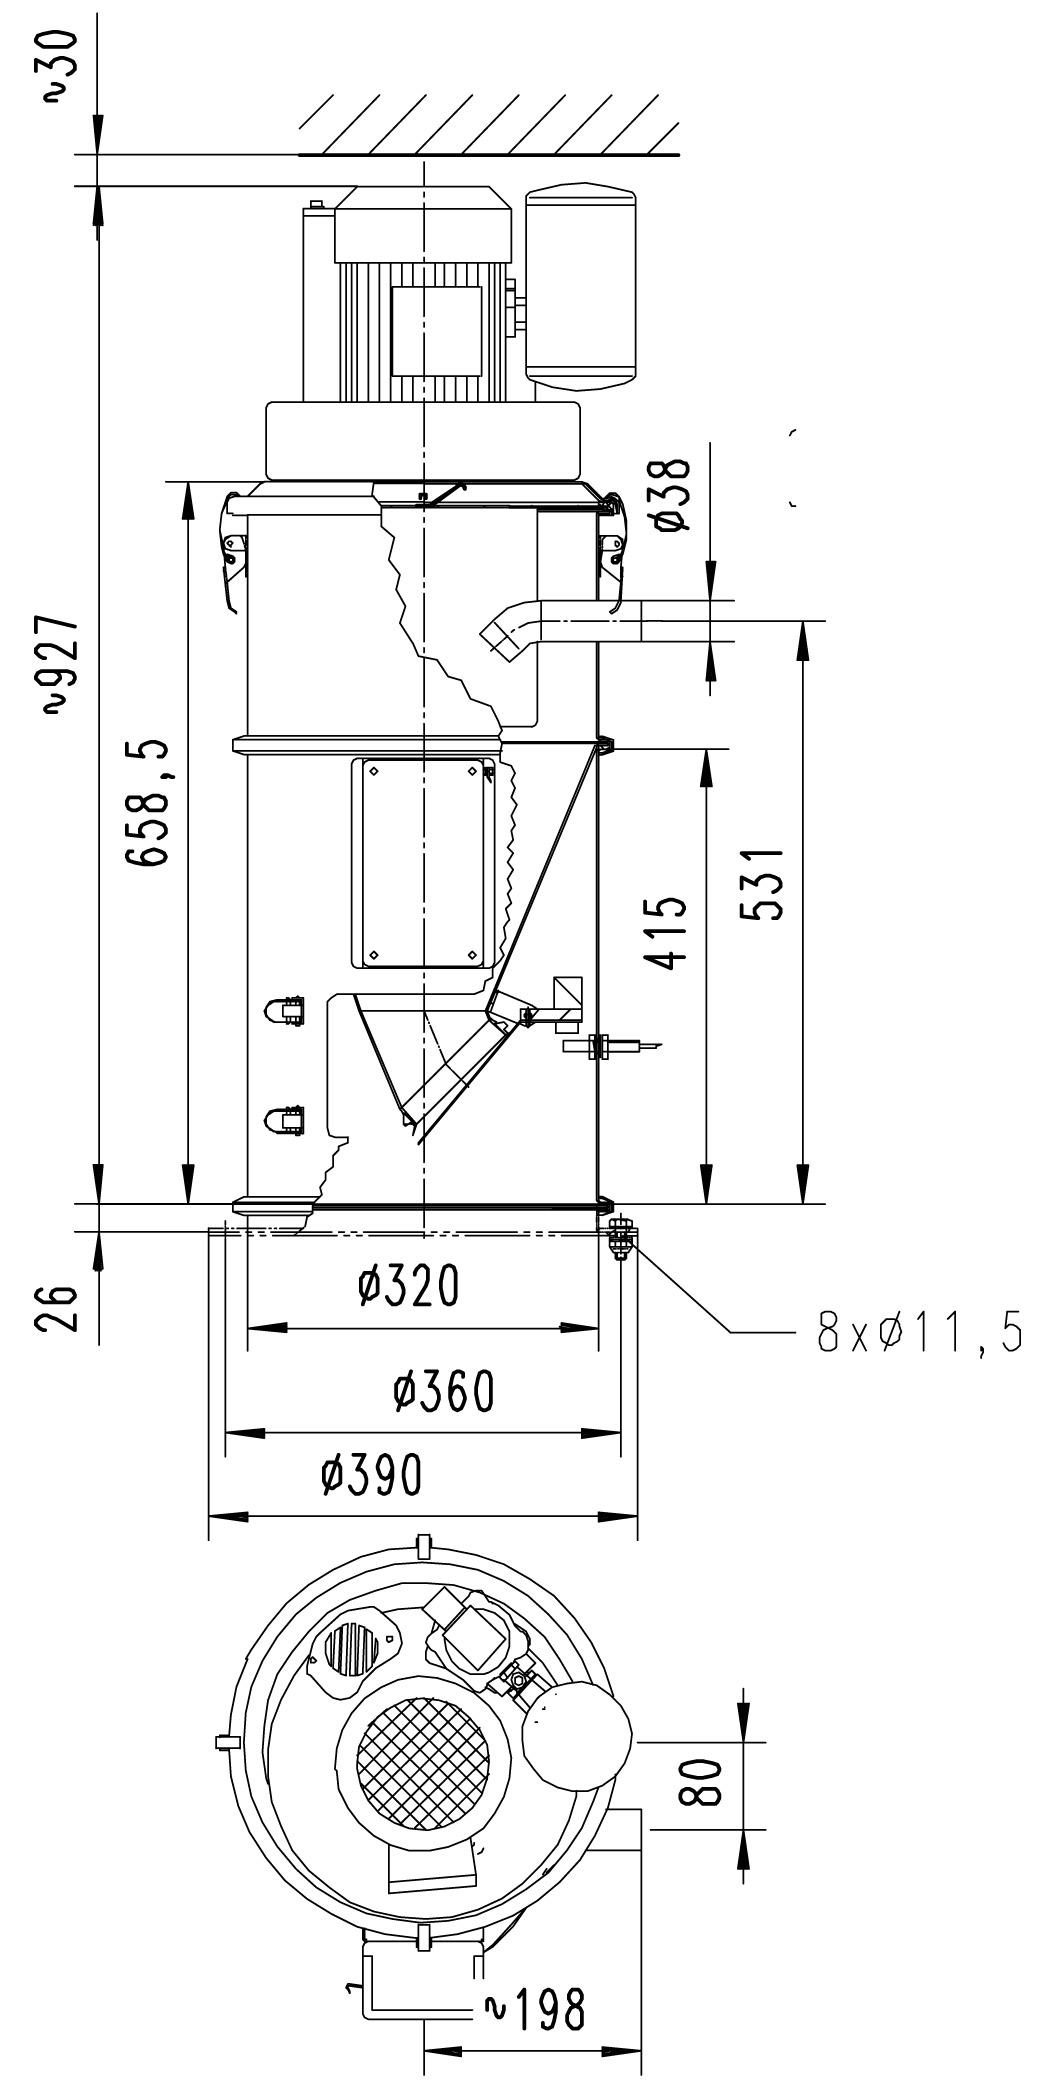 Оборудование для автоматизации, вакуумный конвейер AZO модель R320-38 пневматический загрузчик